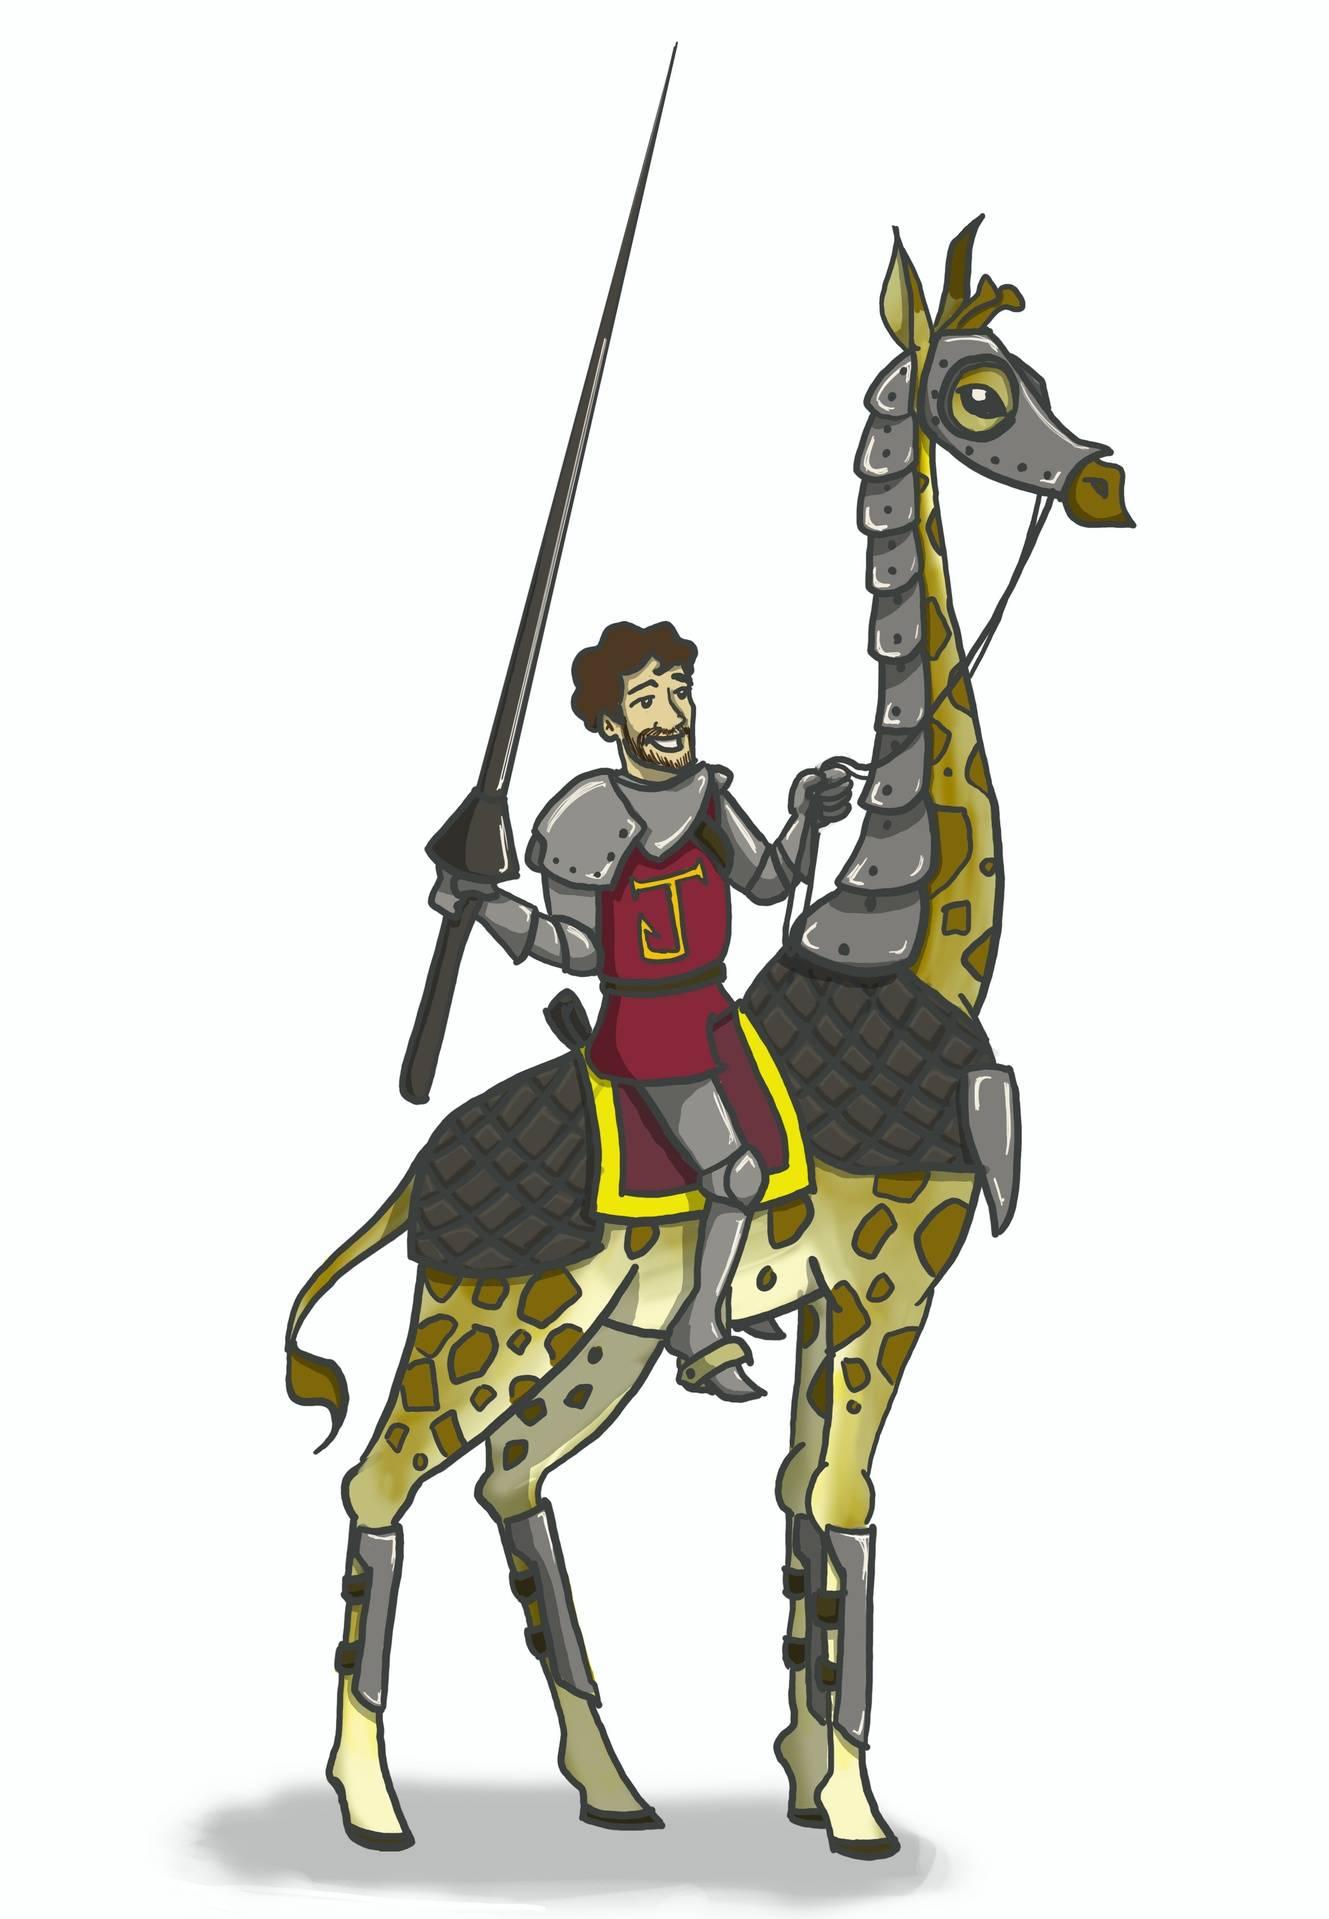 Giraffe Jousting